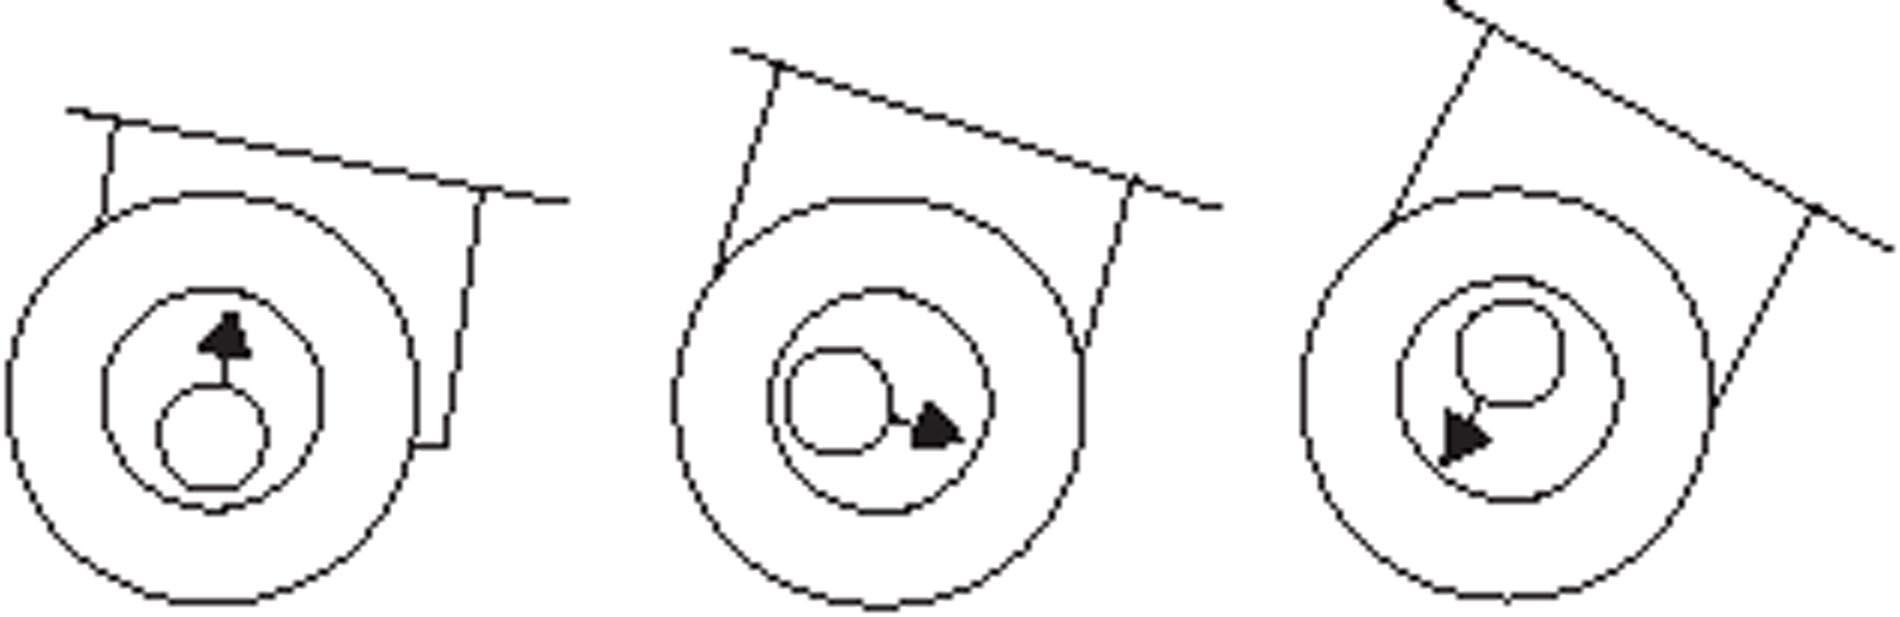 05M09.01-Guia de afilar MK2 cepillos, formones Veritas 05M09.01-max-10.